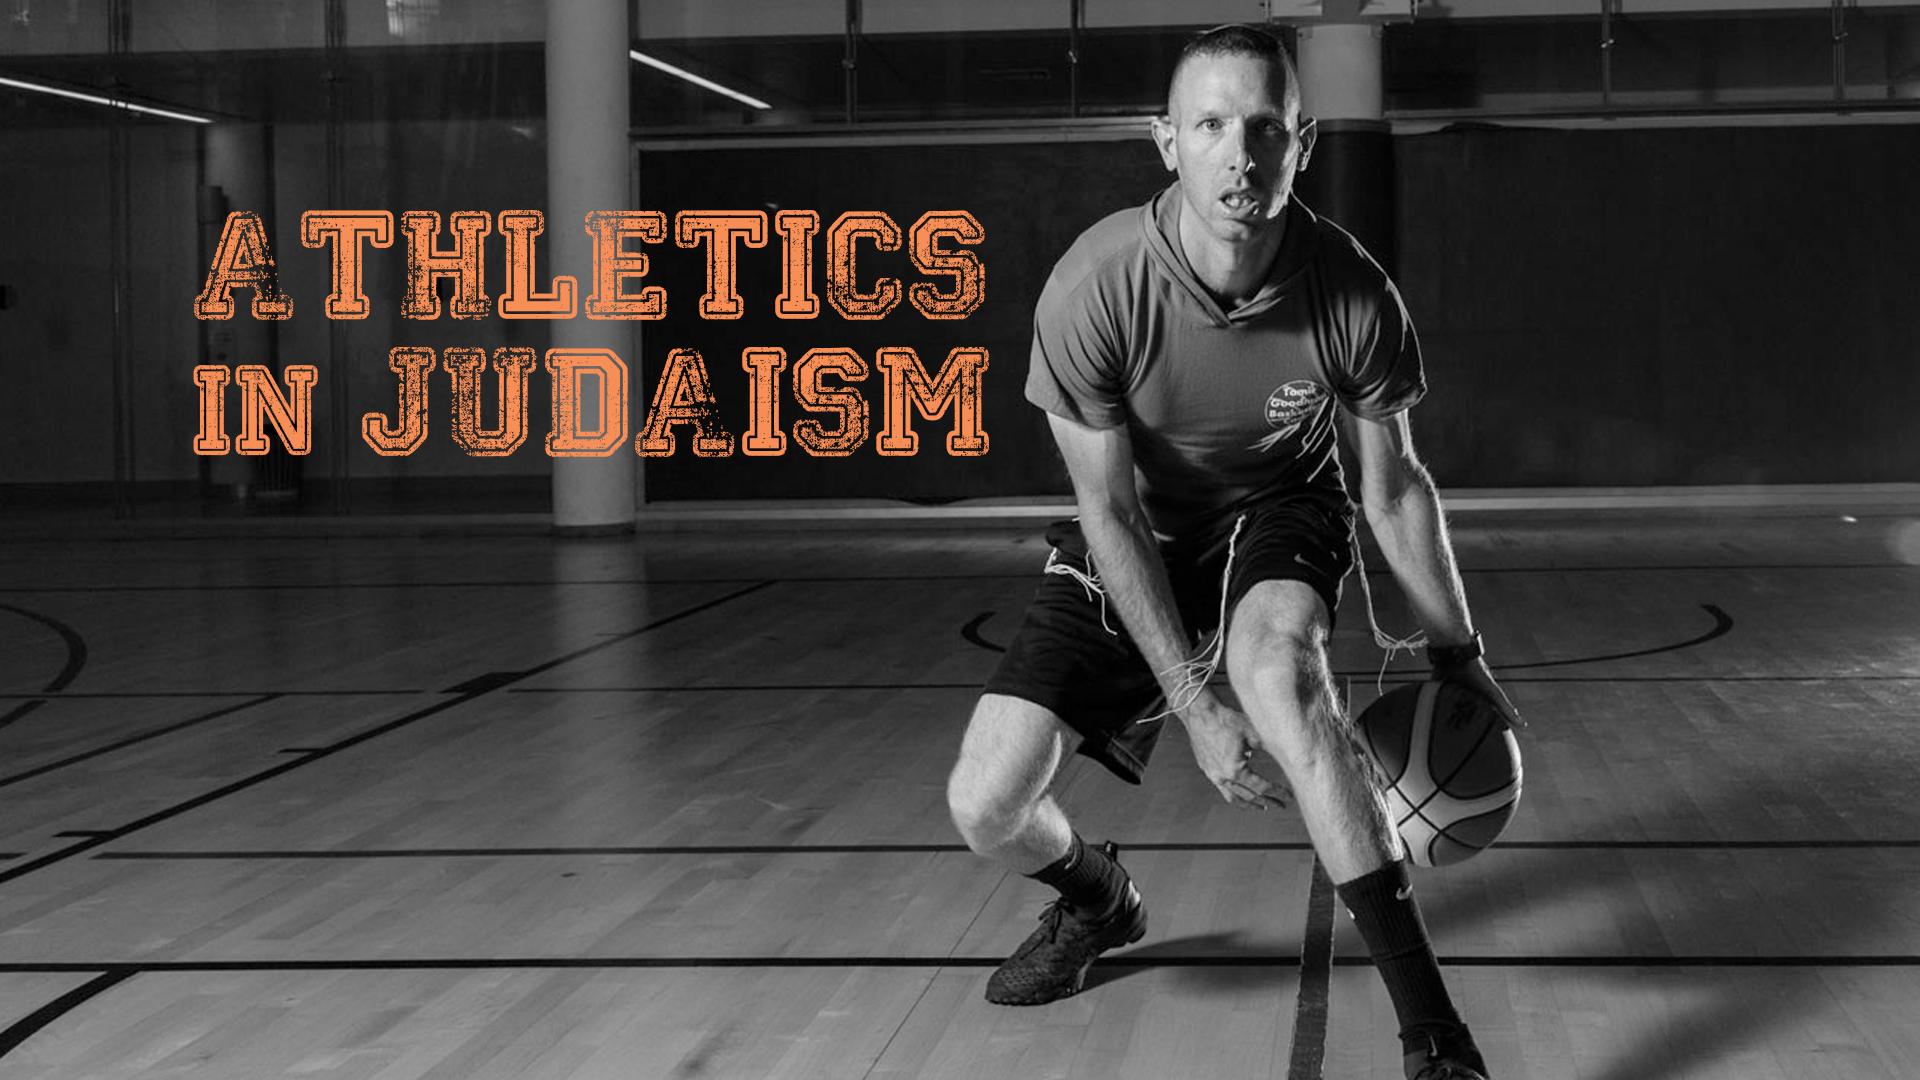 Athletics in Judaism